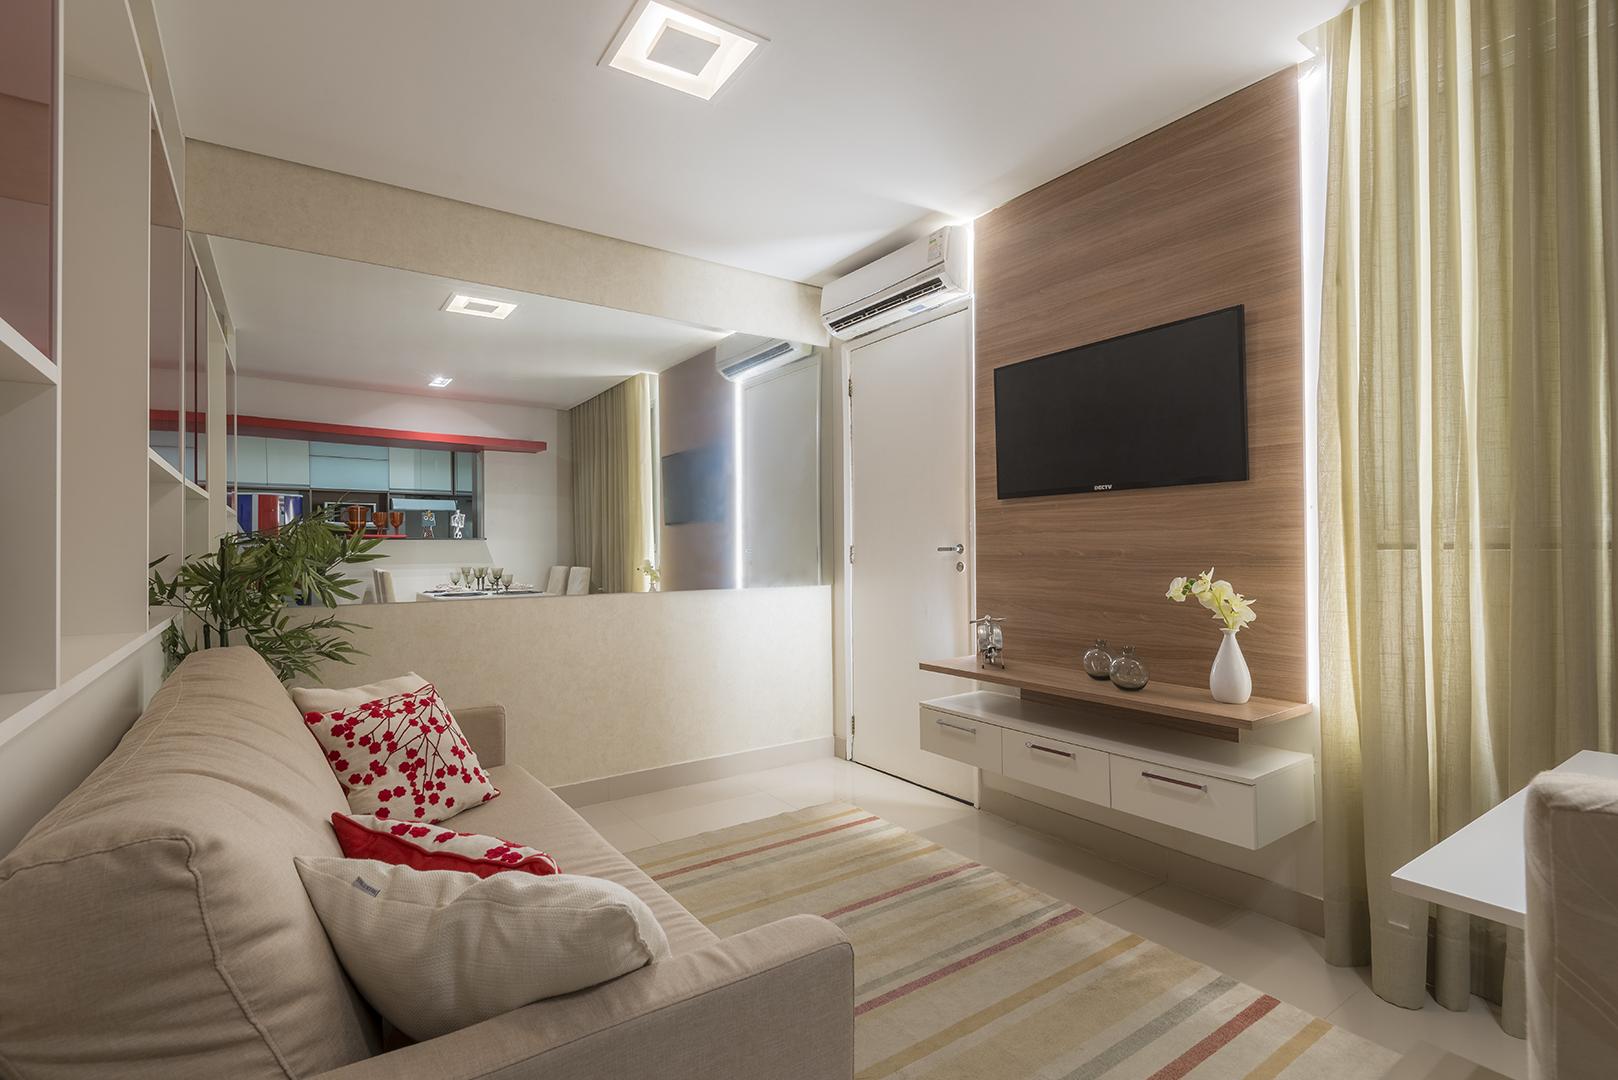 Saiba como fazer uma decora o minimalista em sua casa for Casa minimalista 80 metros